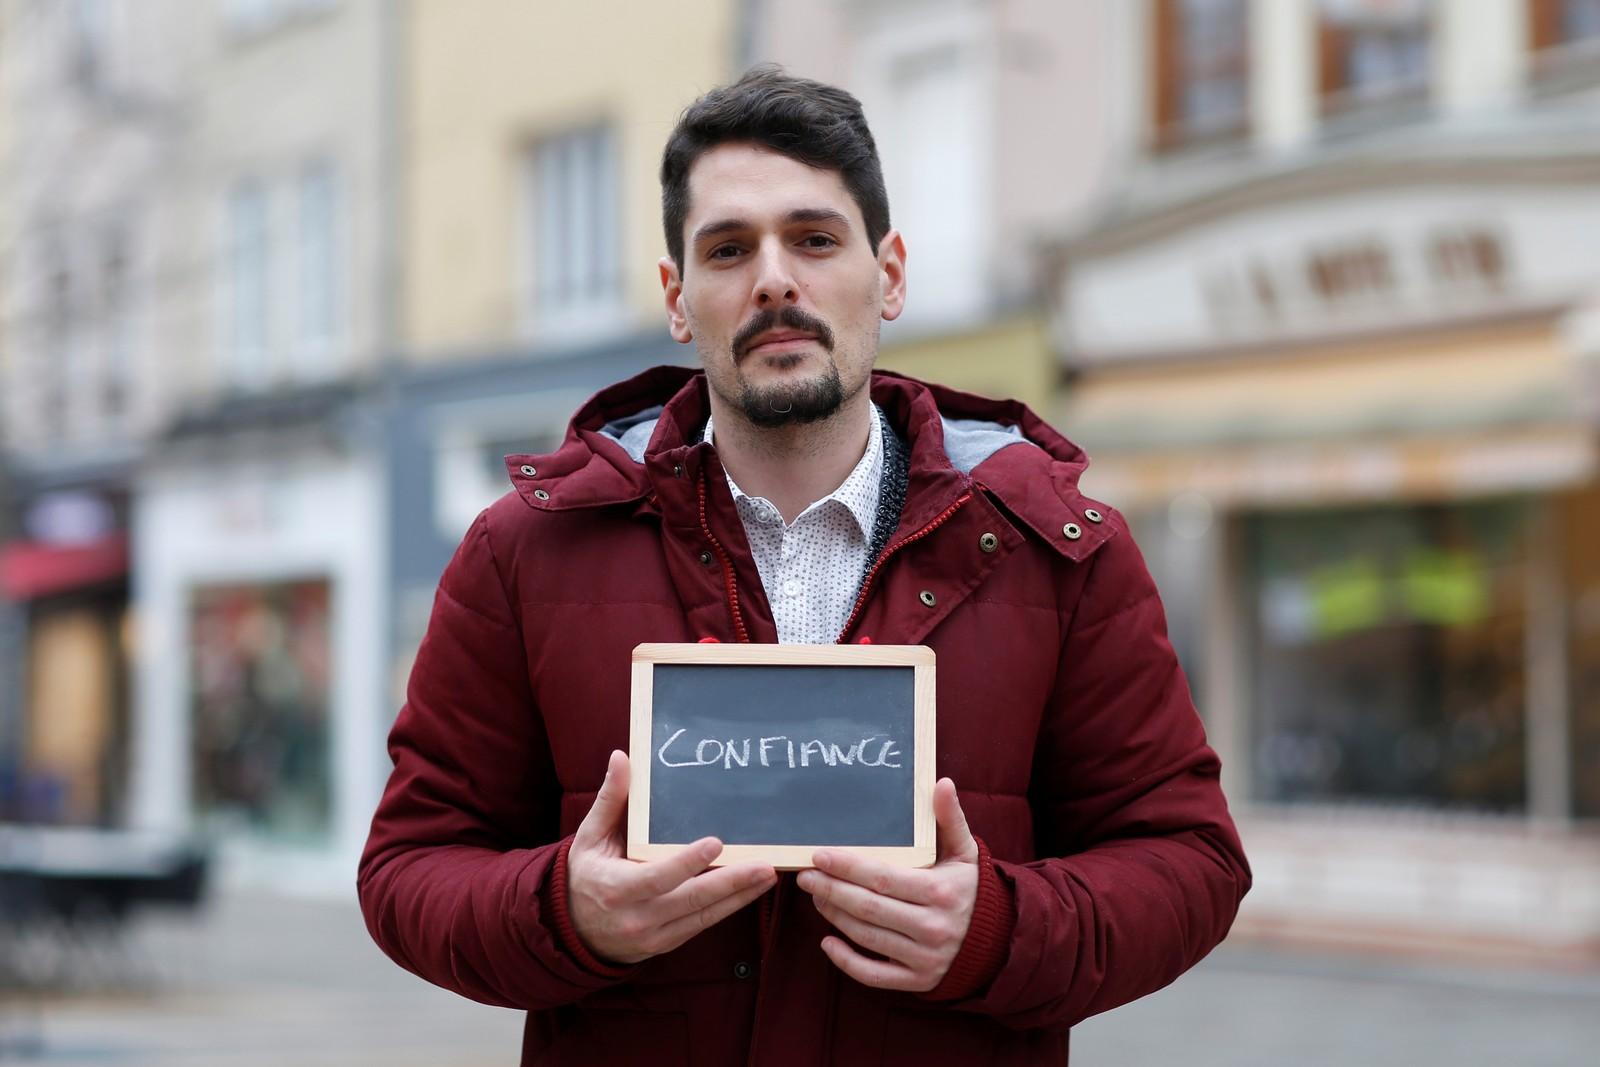 """For selgeren Julien Ambrosio (27) er tillit det viktigste i valgkampen. """"Vi må kunne stole på våre politikere, men det er stadig mer vanskelig med dagens utvikling""""."""